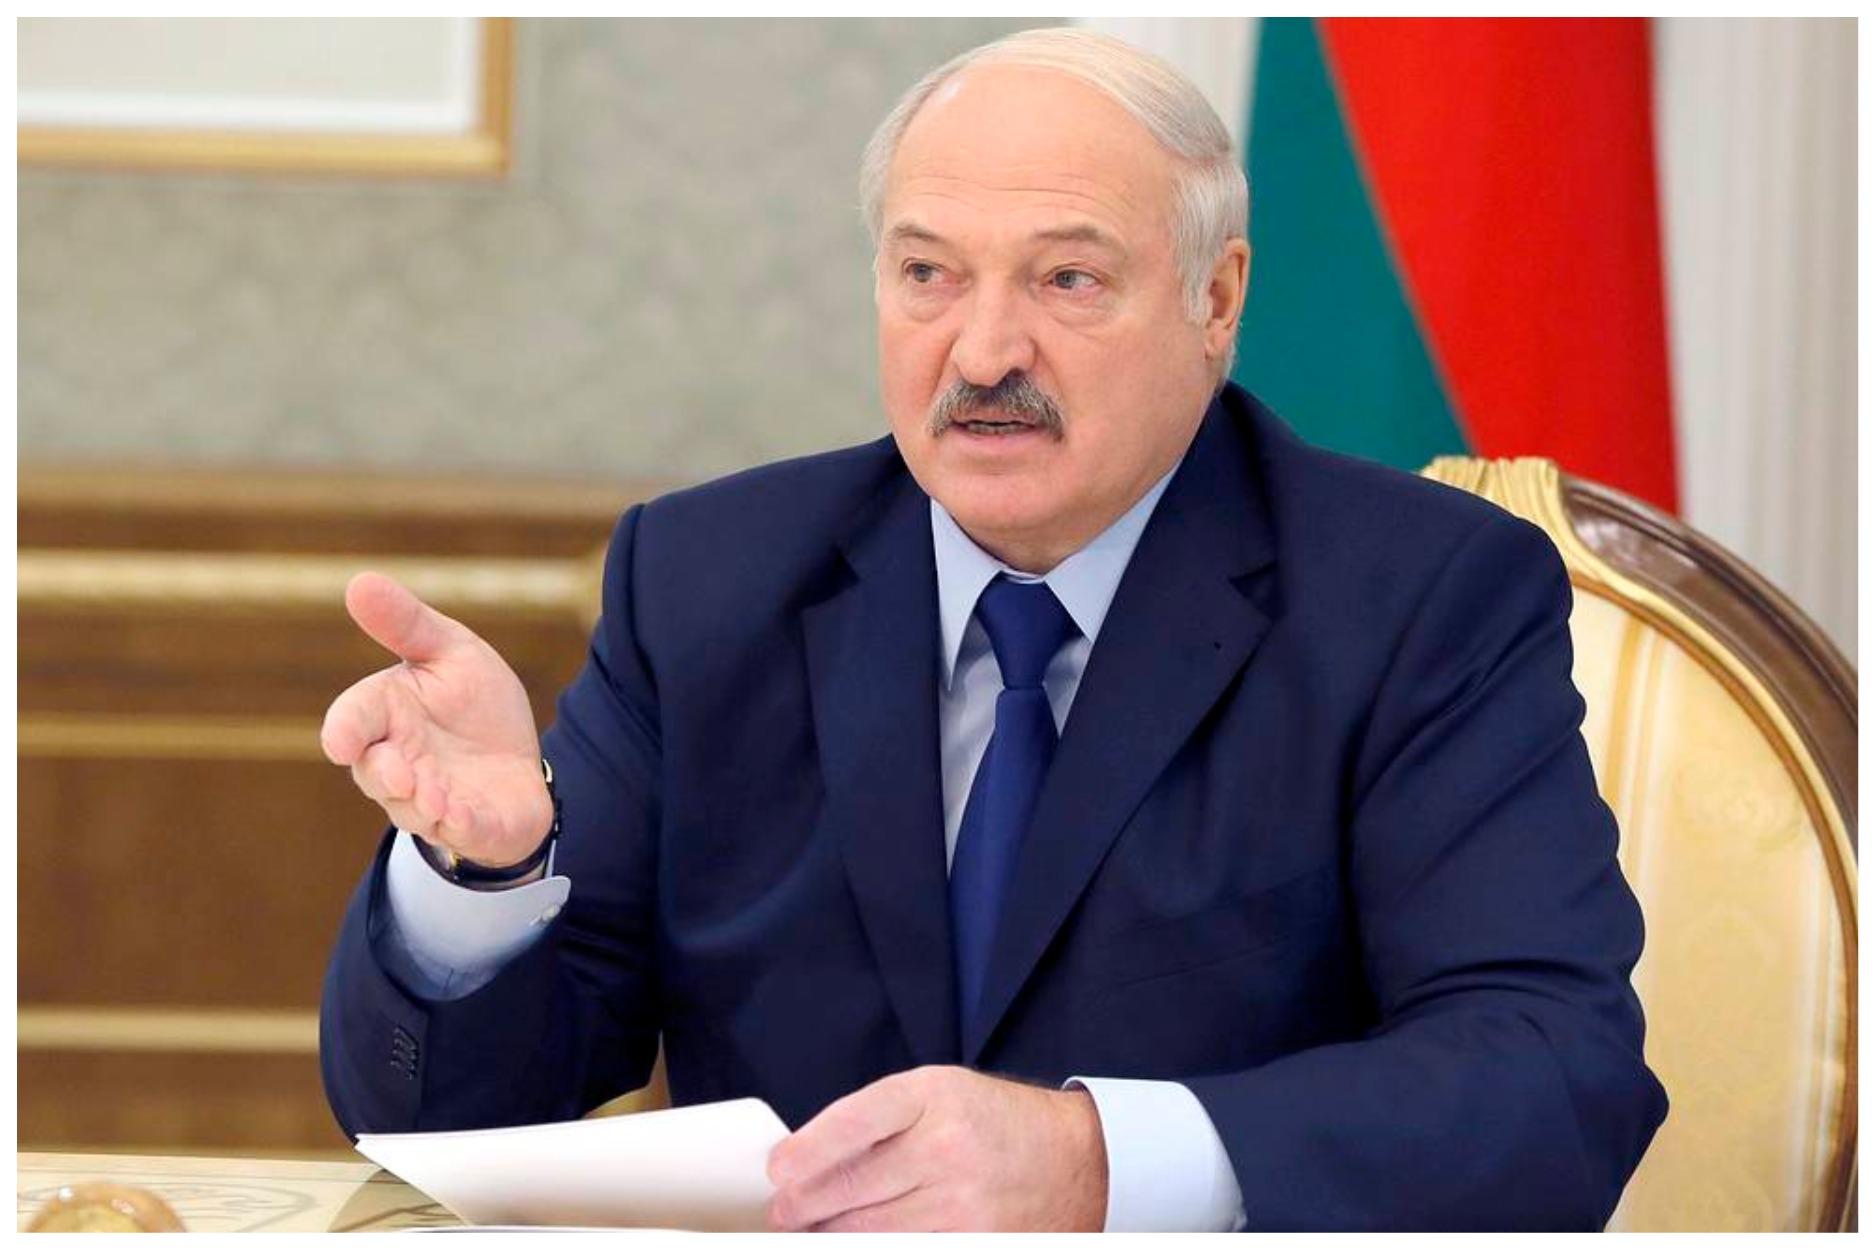 Лукашенко дал неожиданный рецепт борьбы с коронавирусом